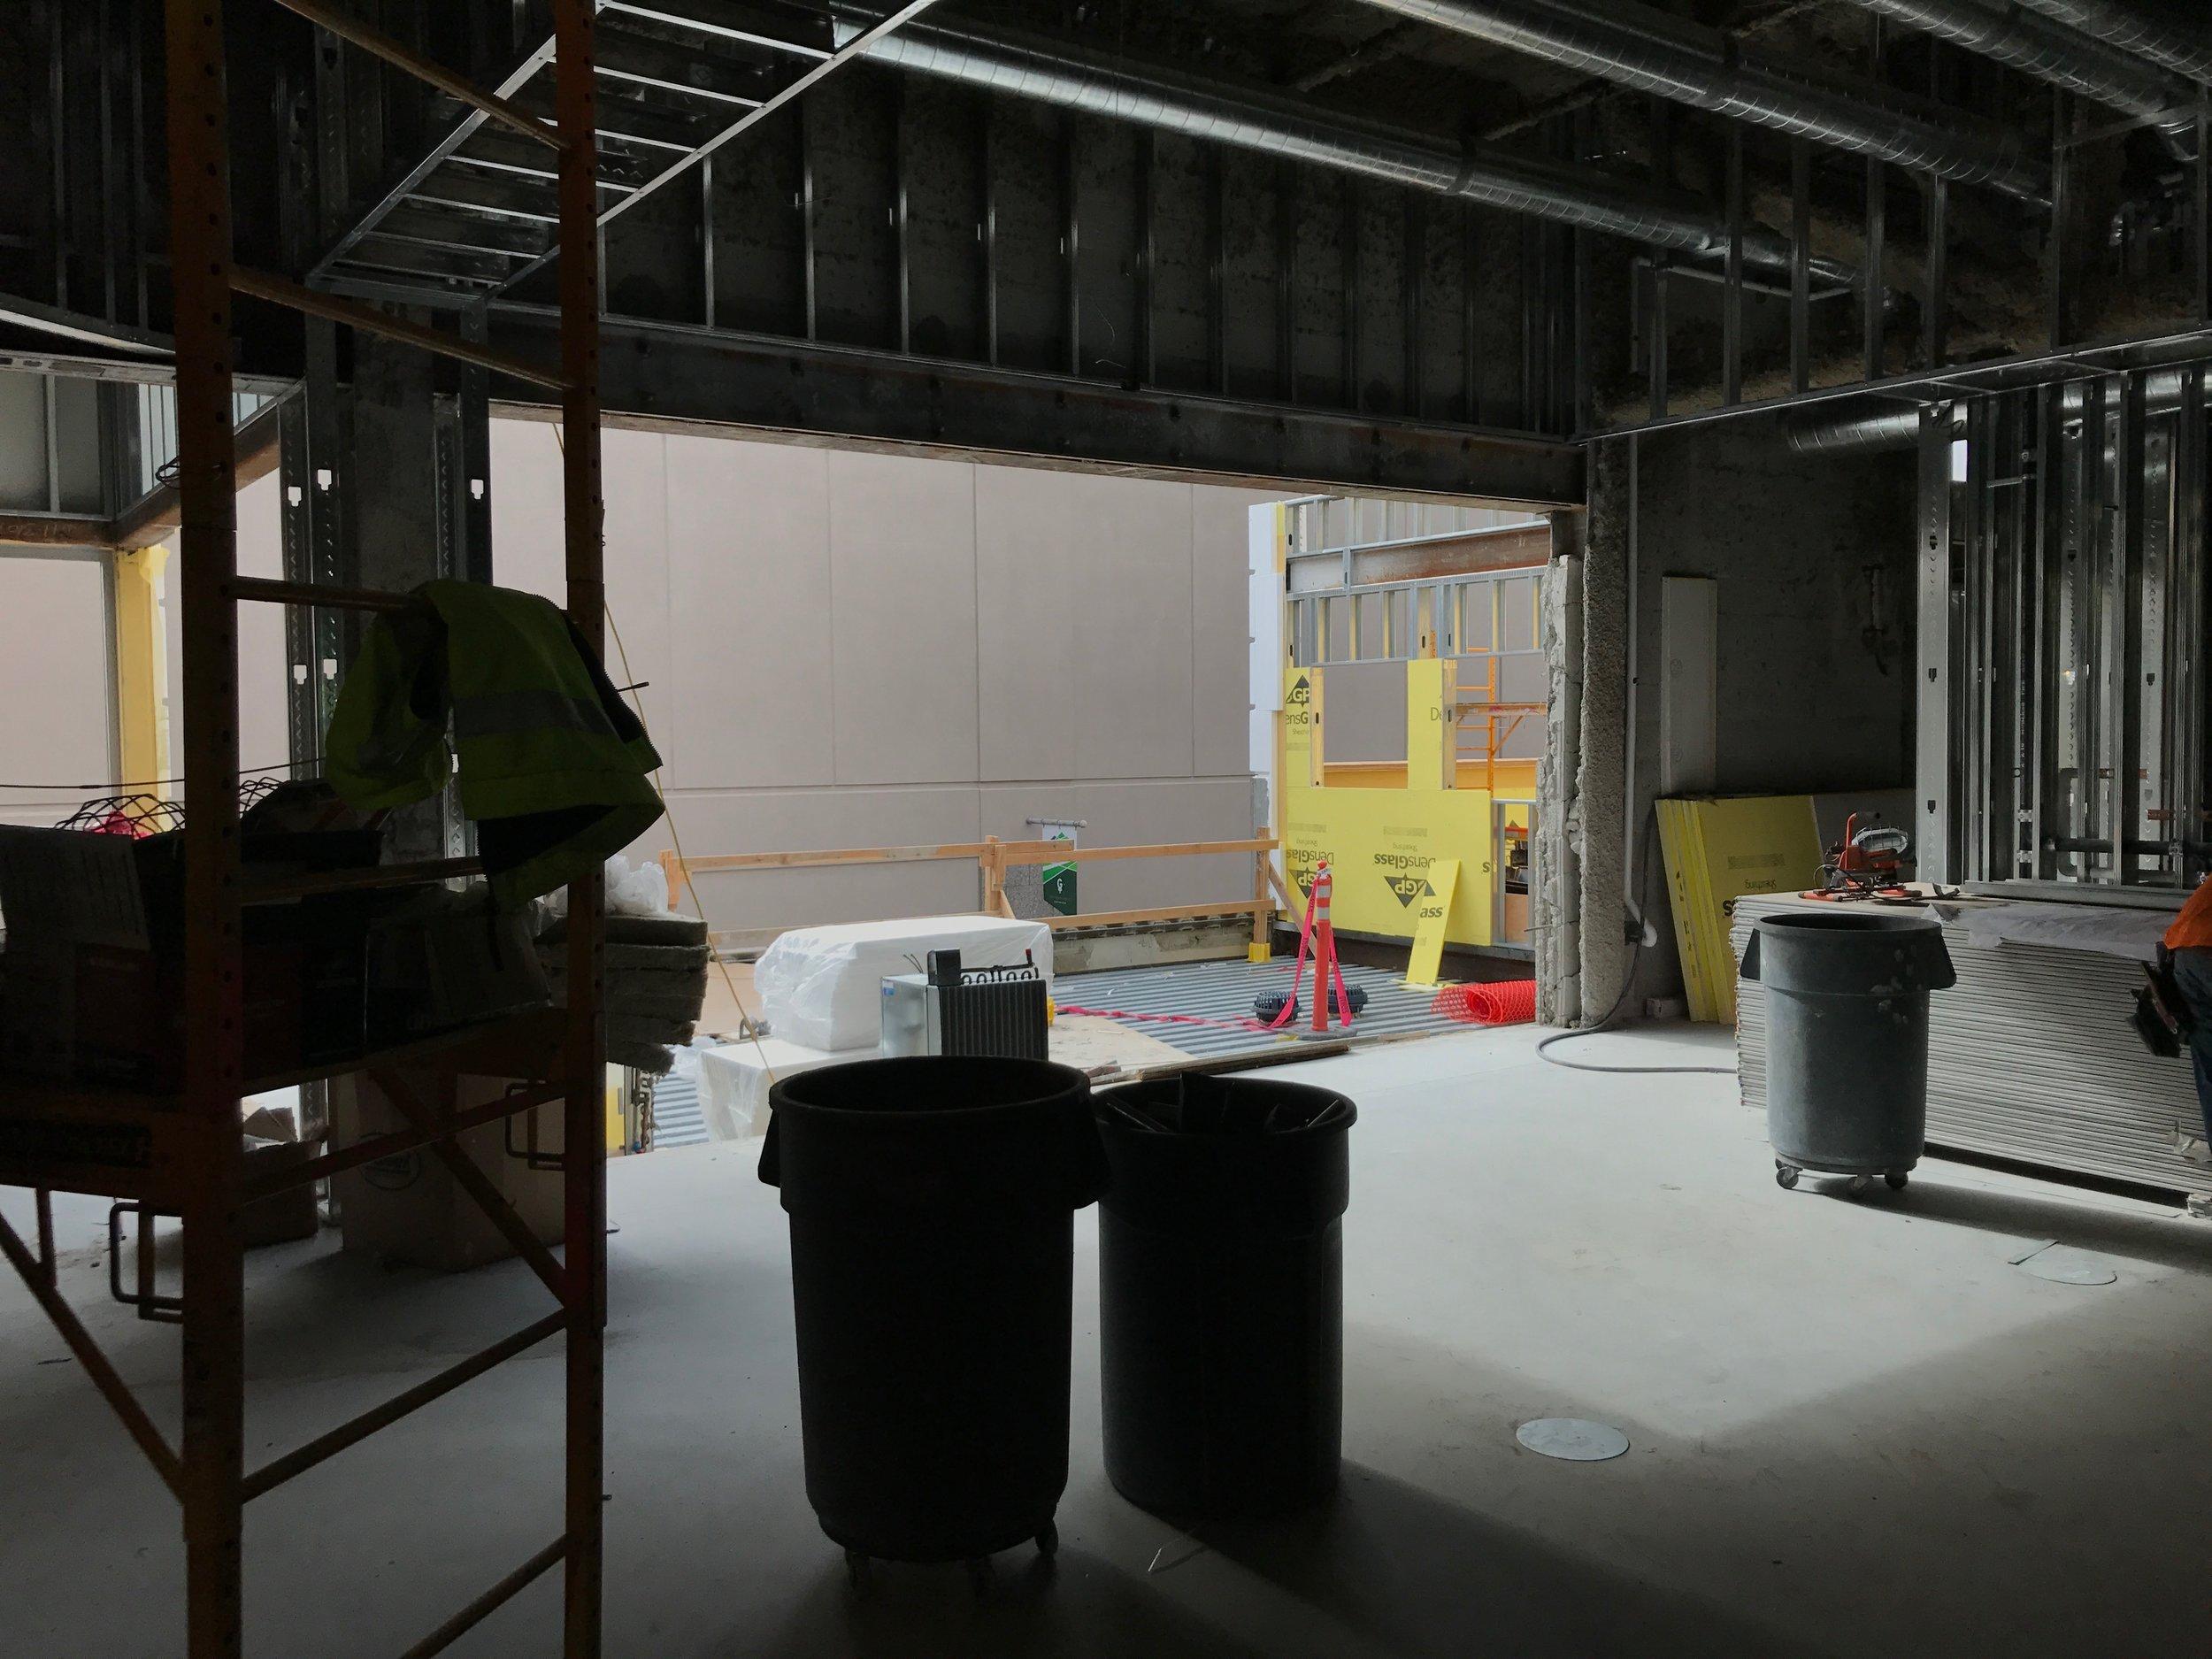 New board room on second floor - looking toward patio